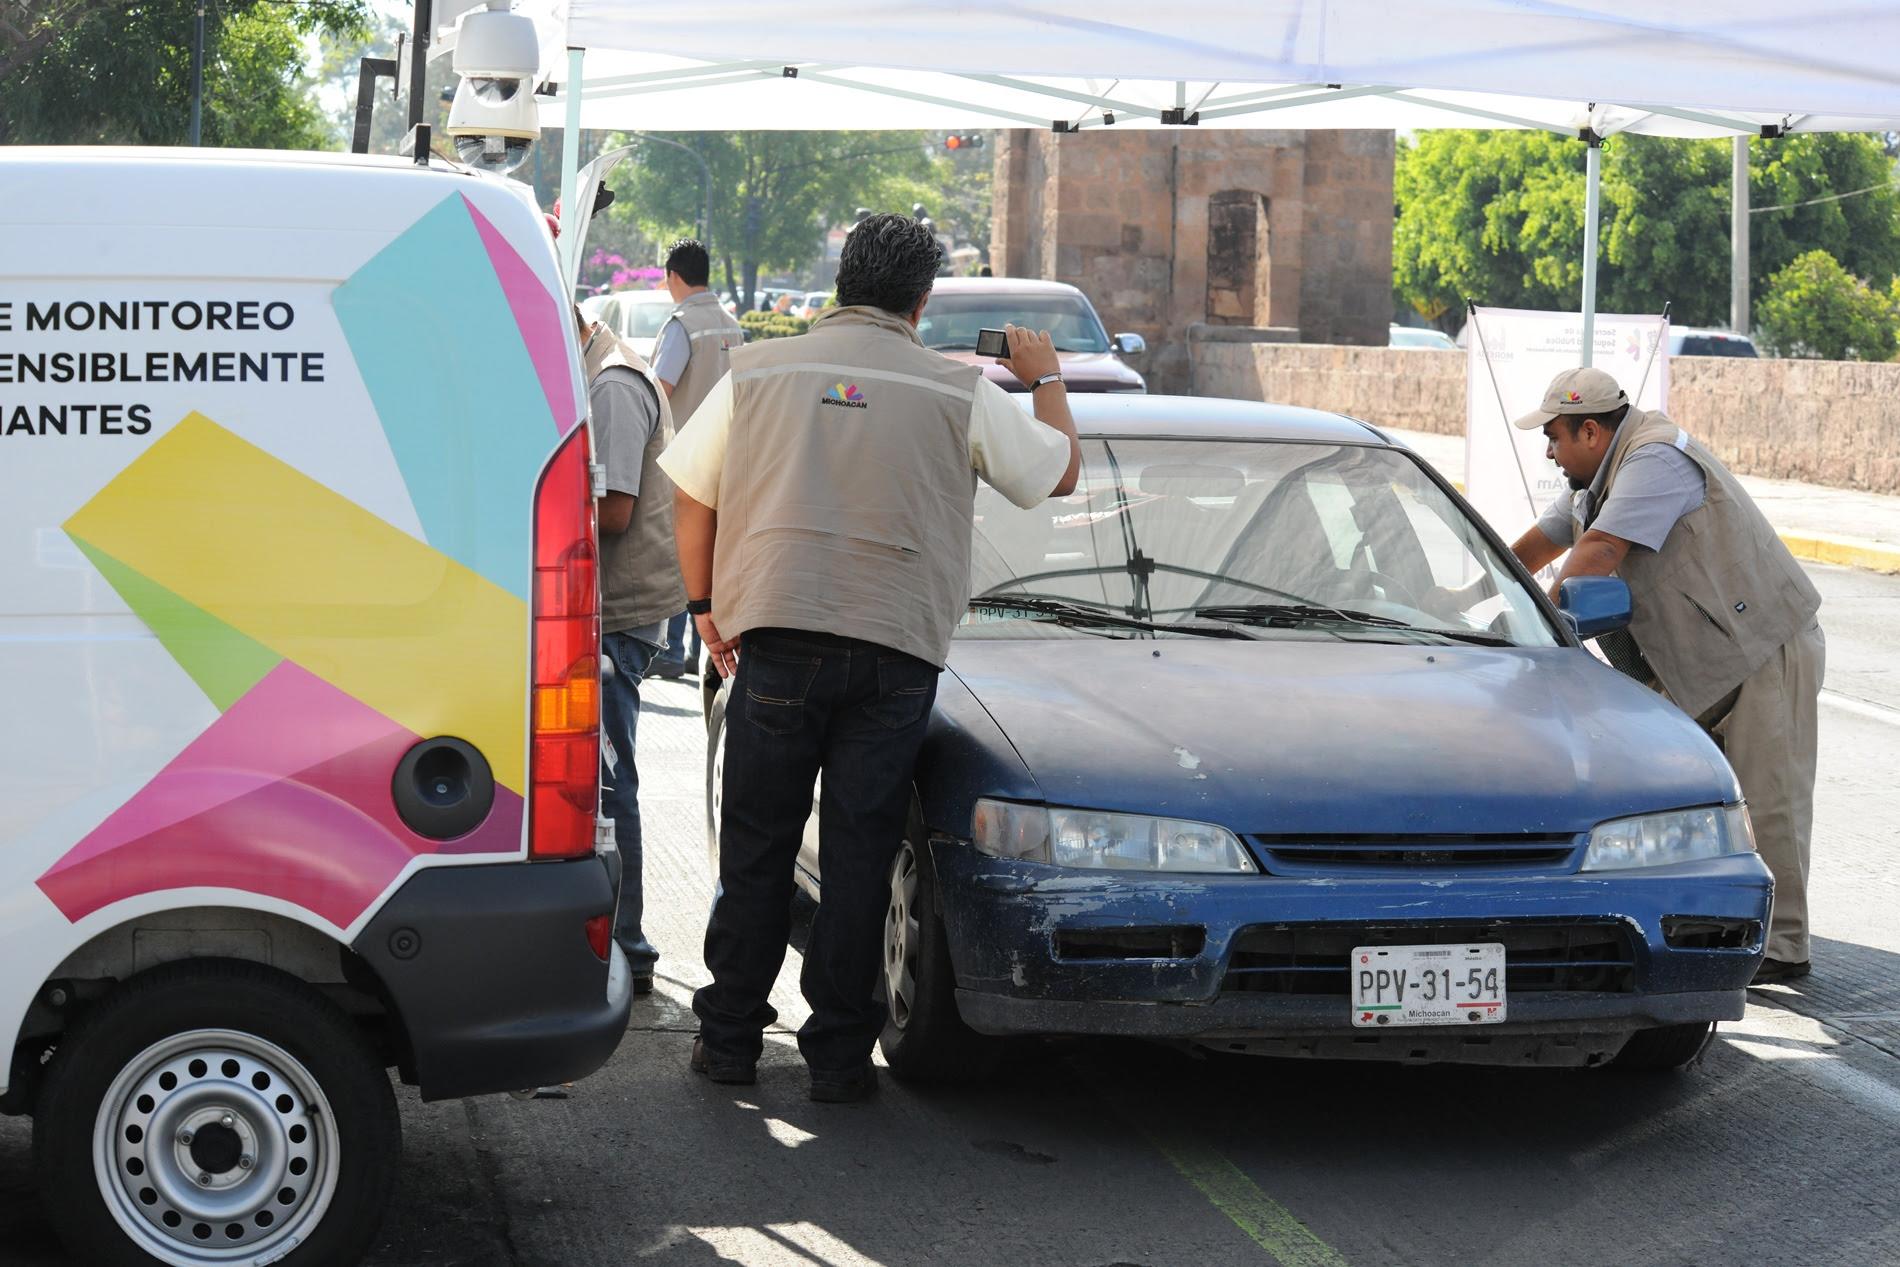 Con el fin de abarcar la mayor parte de la matrícula vehicular de la capital michoacana, los operativos se moverán por diferentes puntos de la ciudad